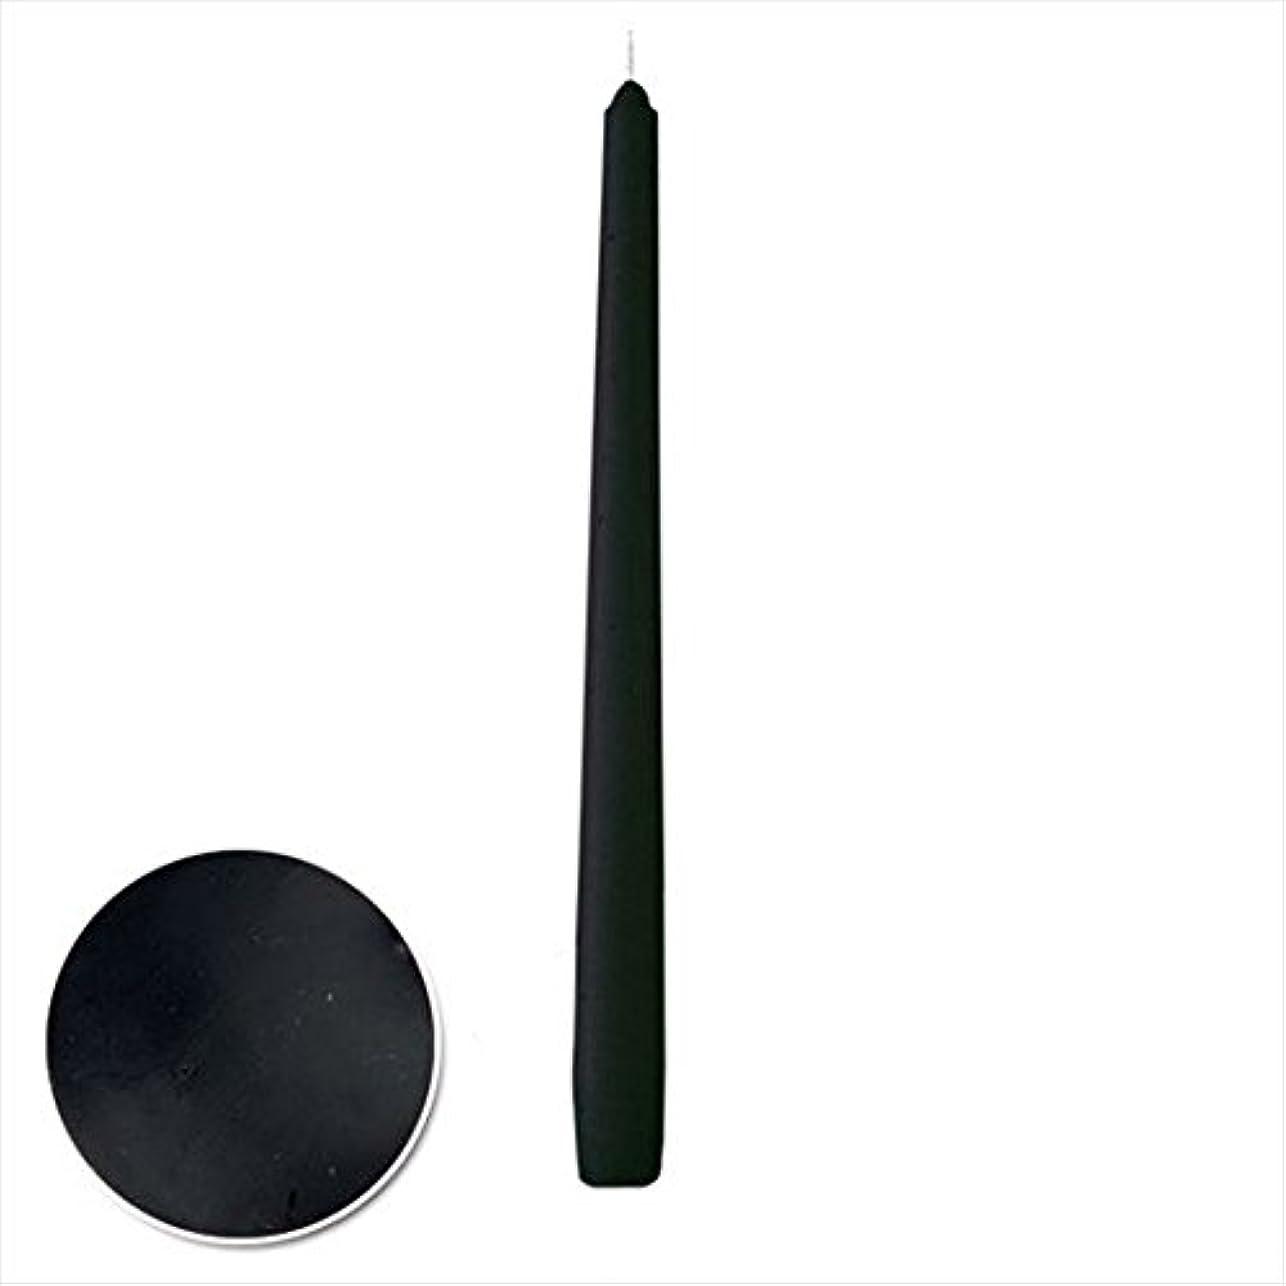 簡単なうぬぼれたカタログカメヤマキャンドル(kameyama candle) 12インチテーパー 「 ブラック 」 12本入り